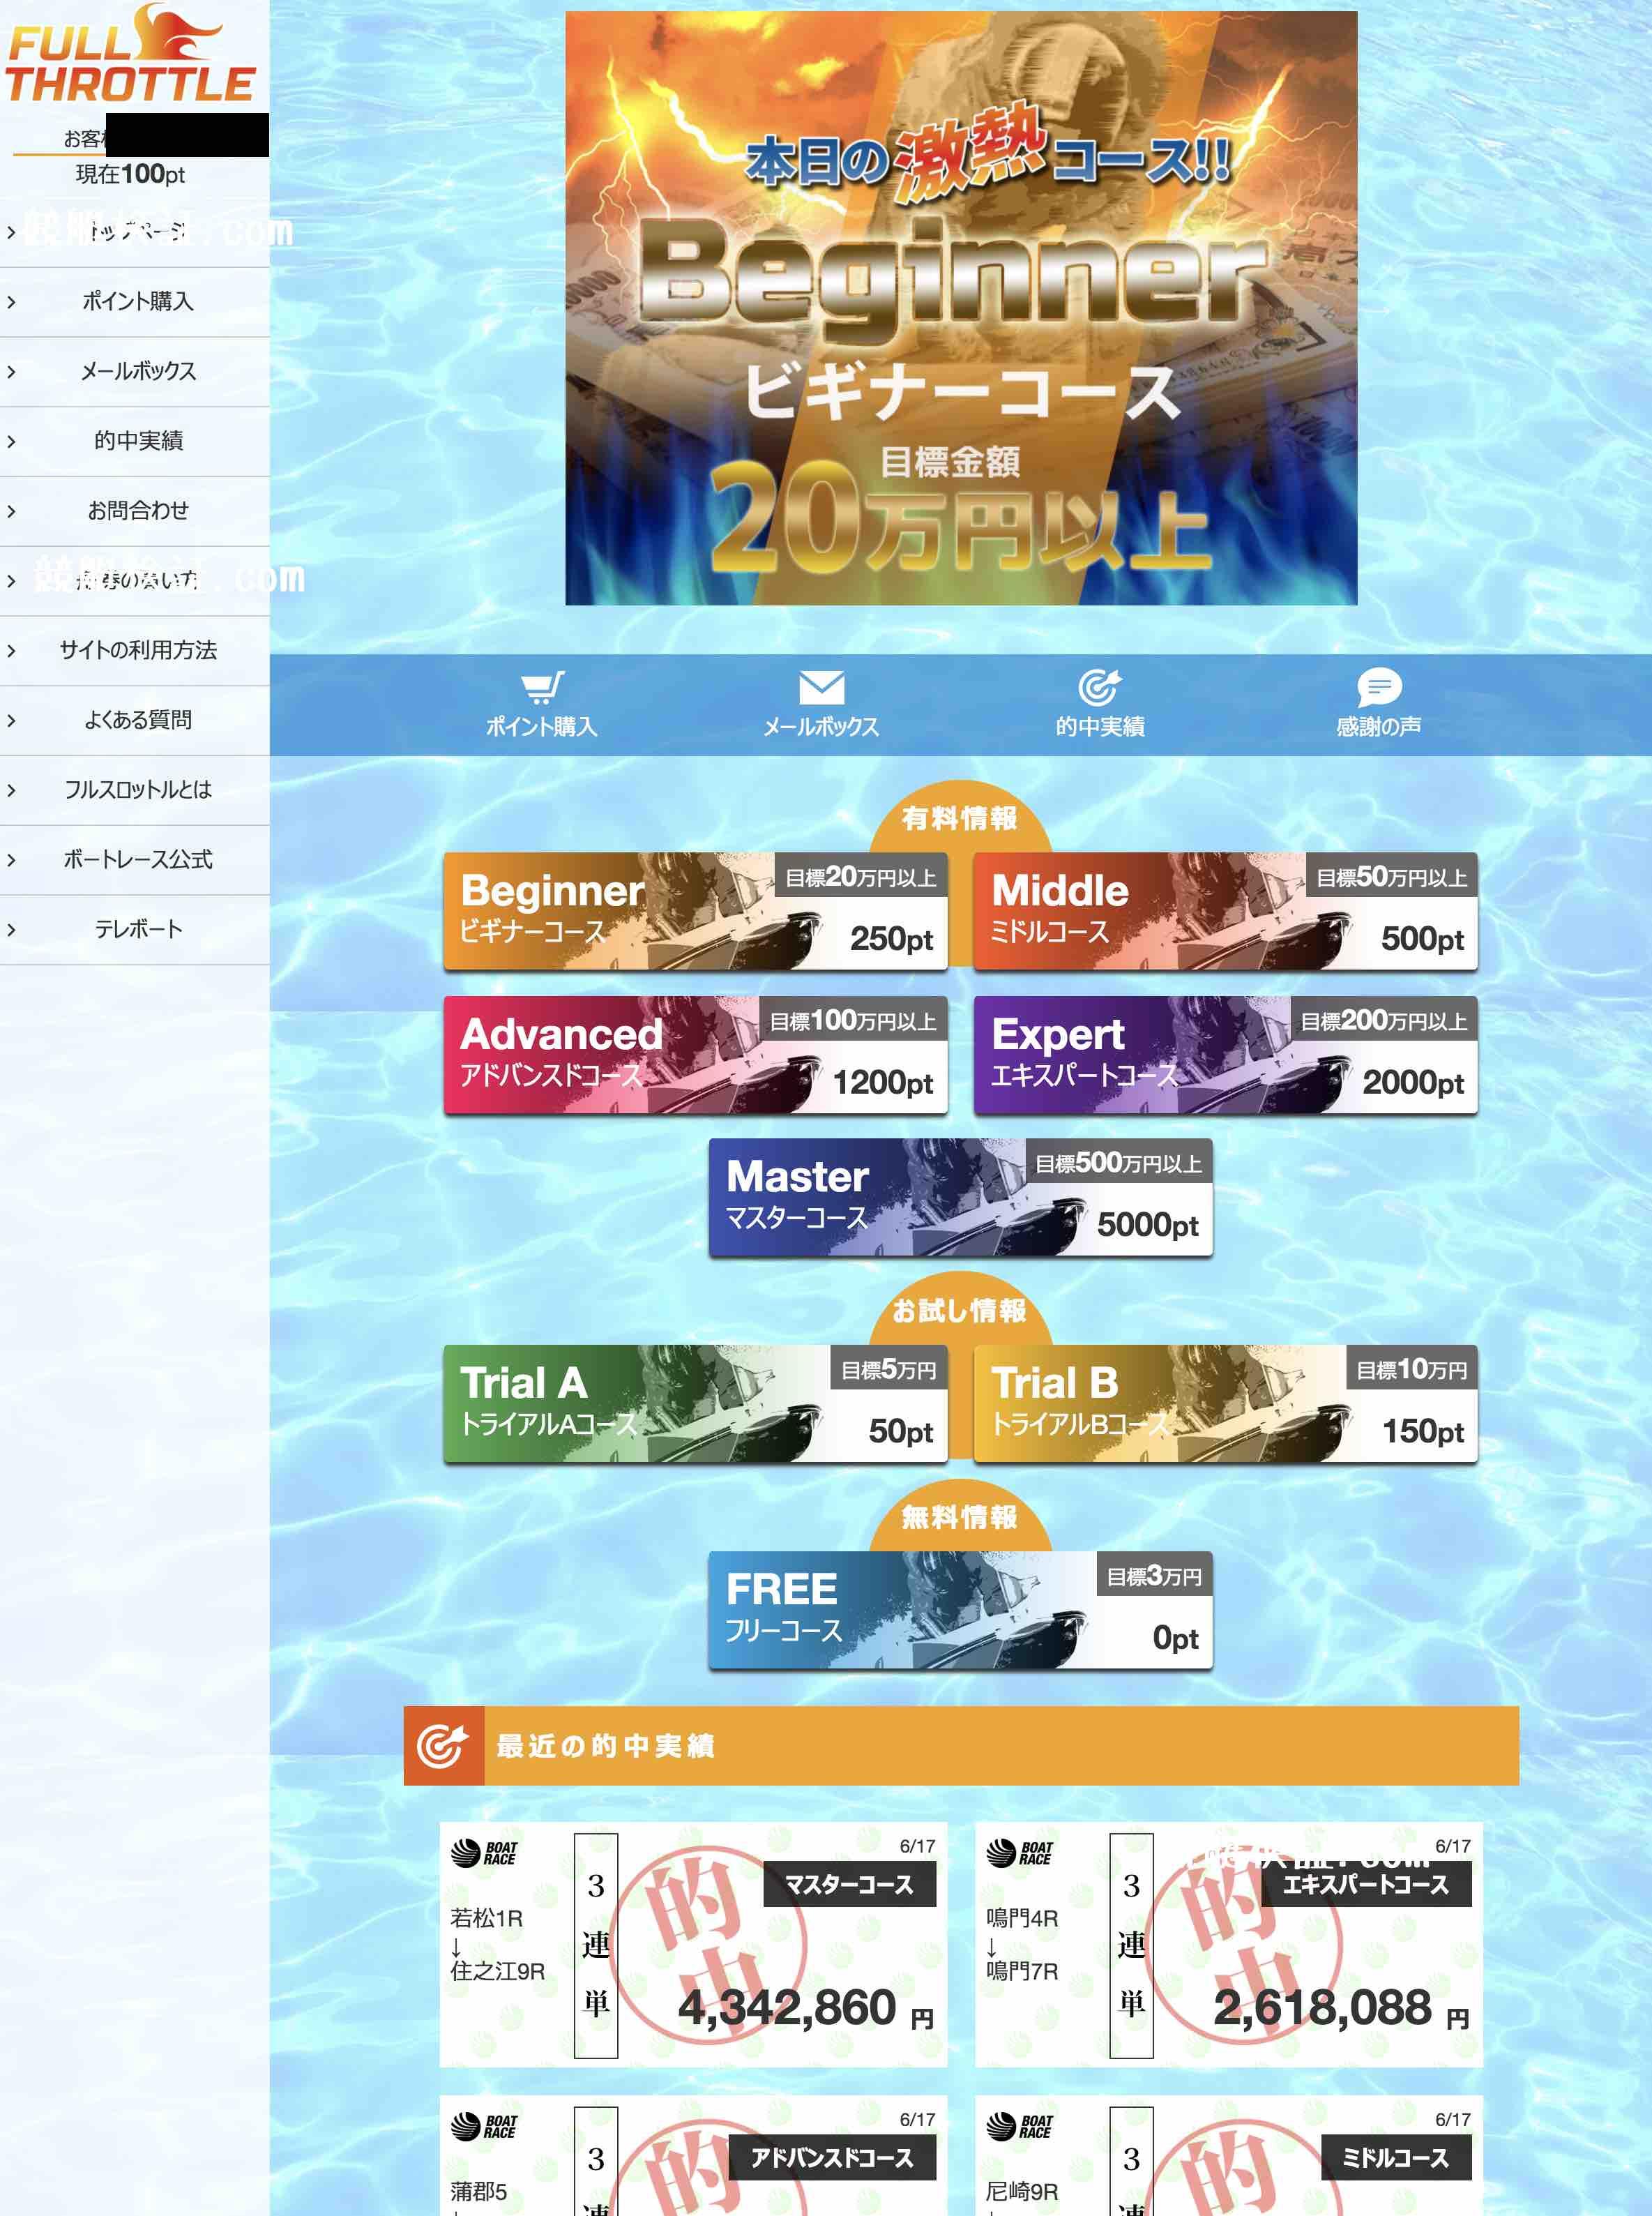 フルスロットルという競艇予想サイト(ボートレース予想)の会員ページ